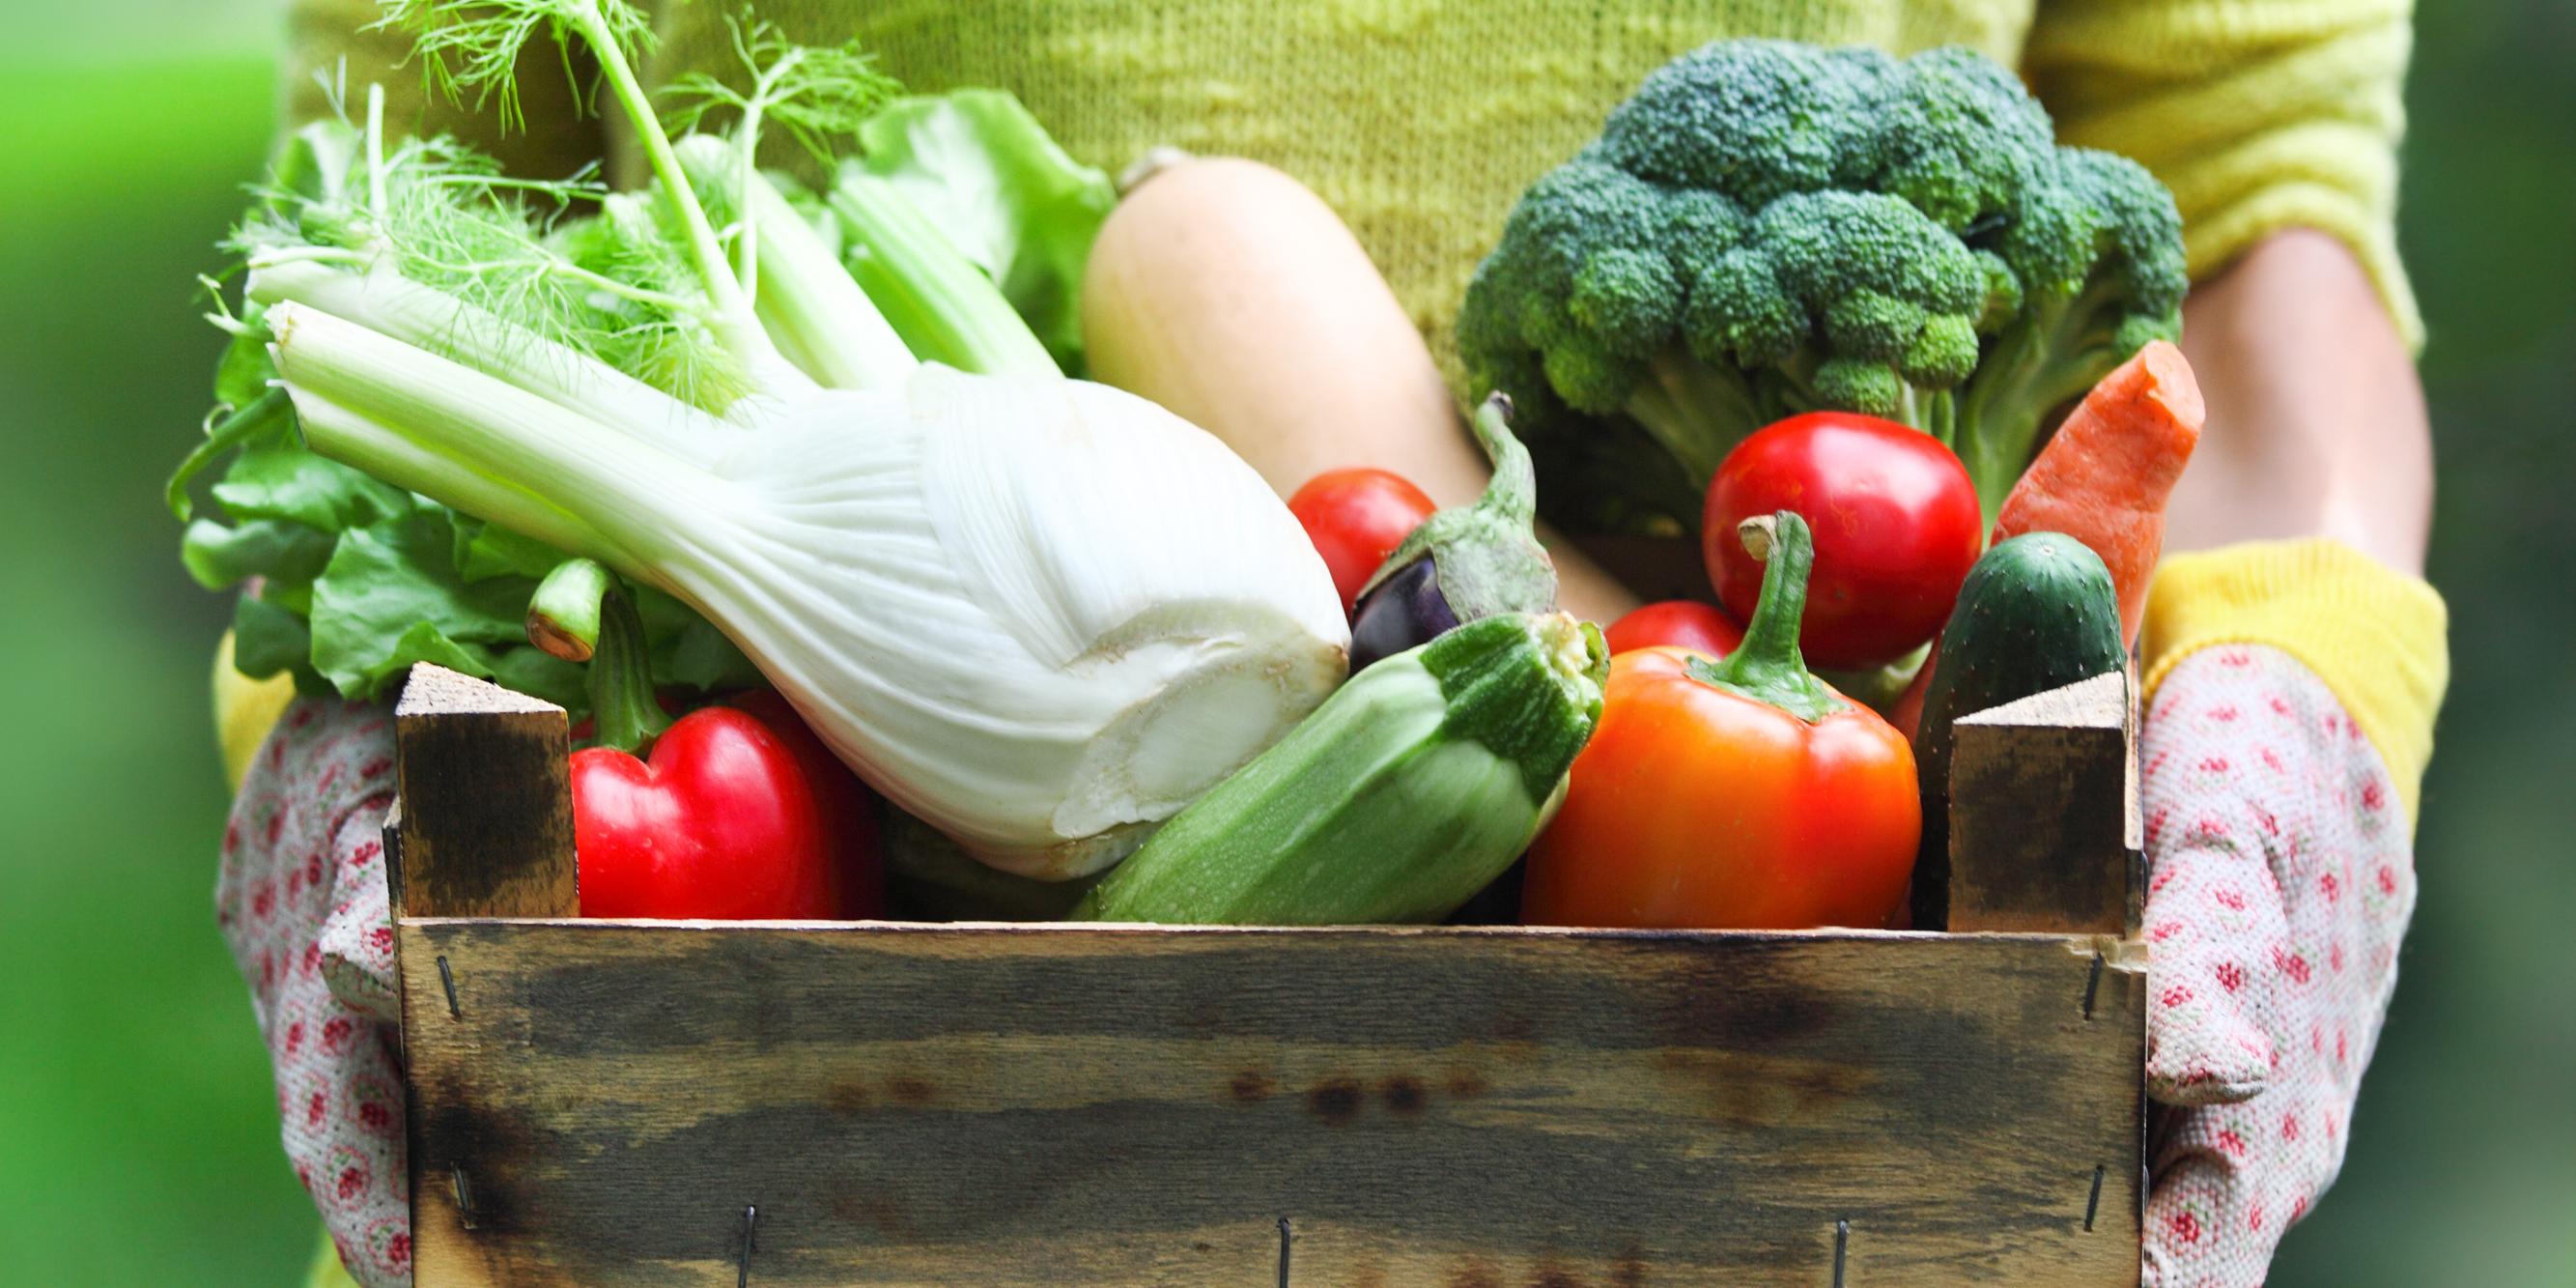 Календарь питания по дням для мирян на великий пост 2020